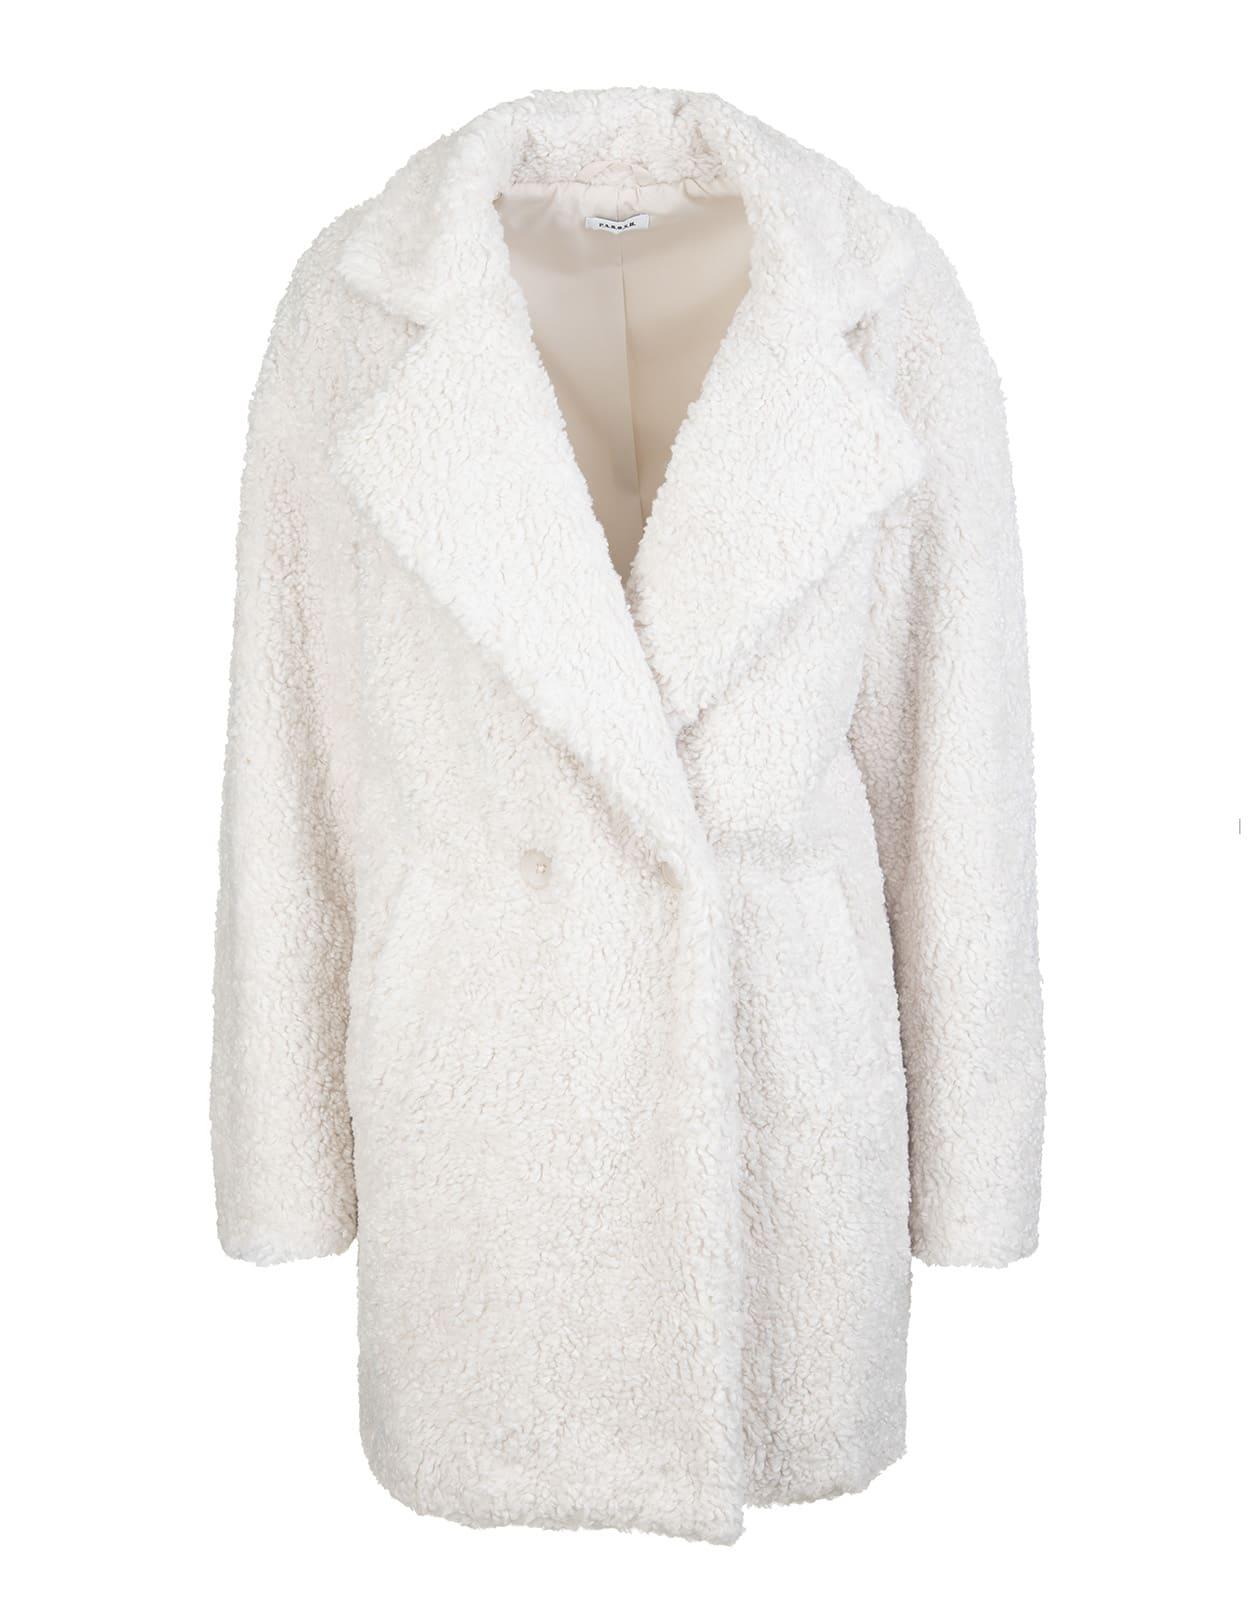 Parosh White Eco-fur Jacket